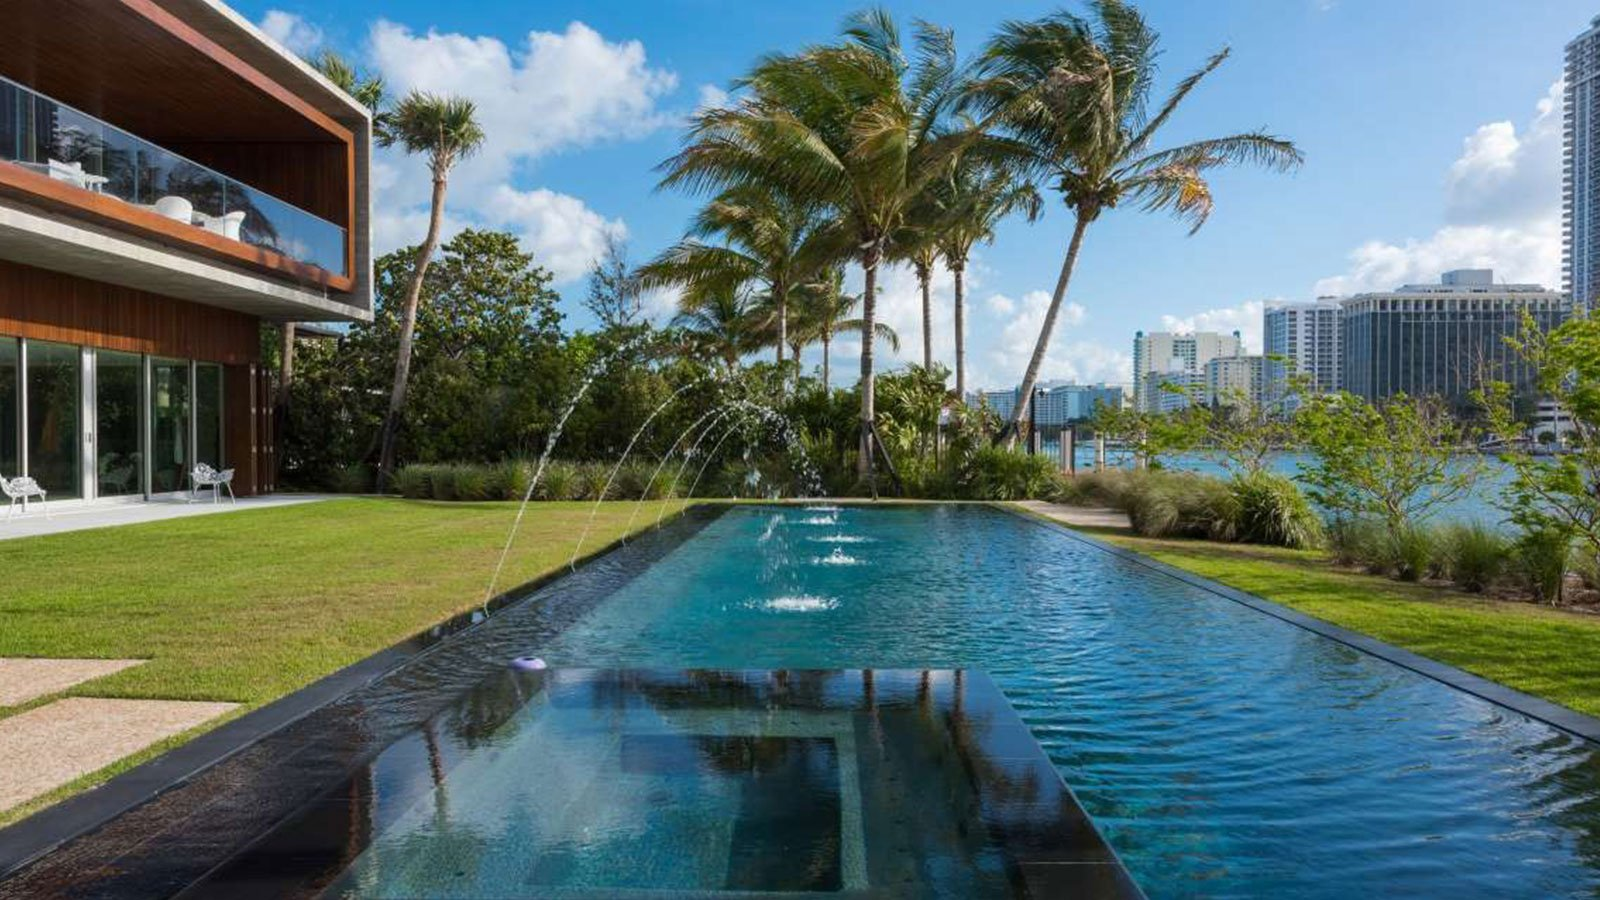 piscina di lusso con getti d'acqua